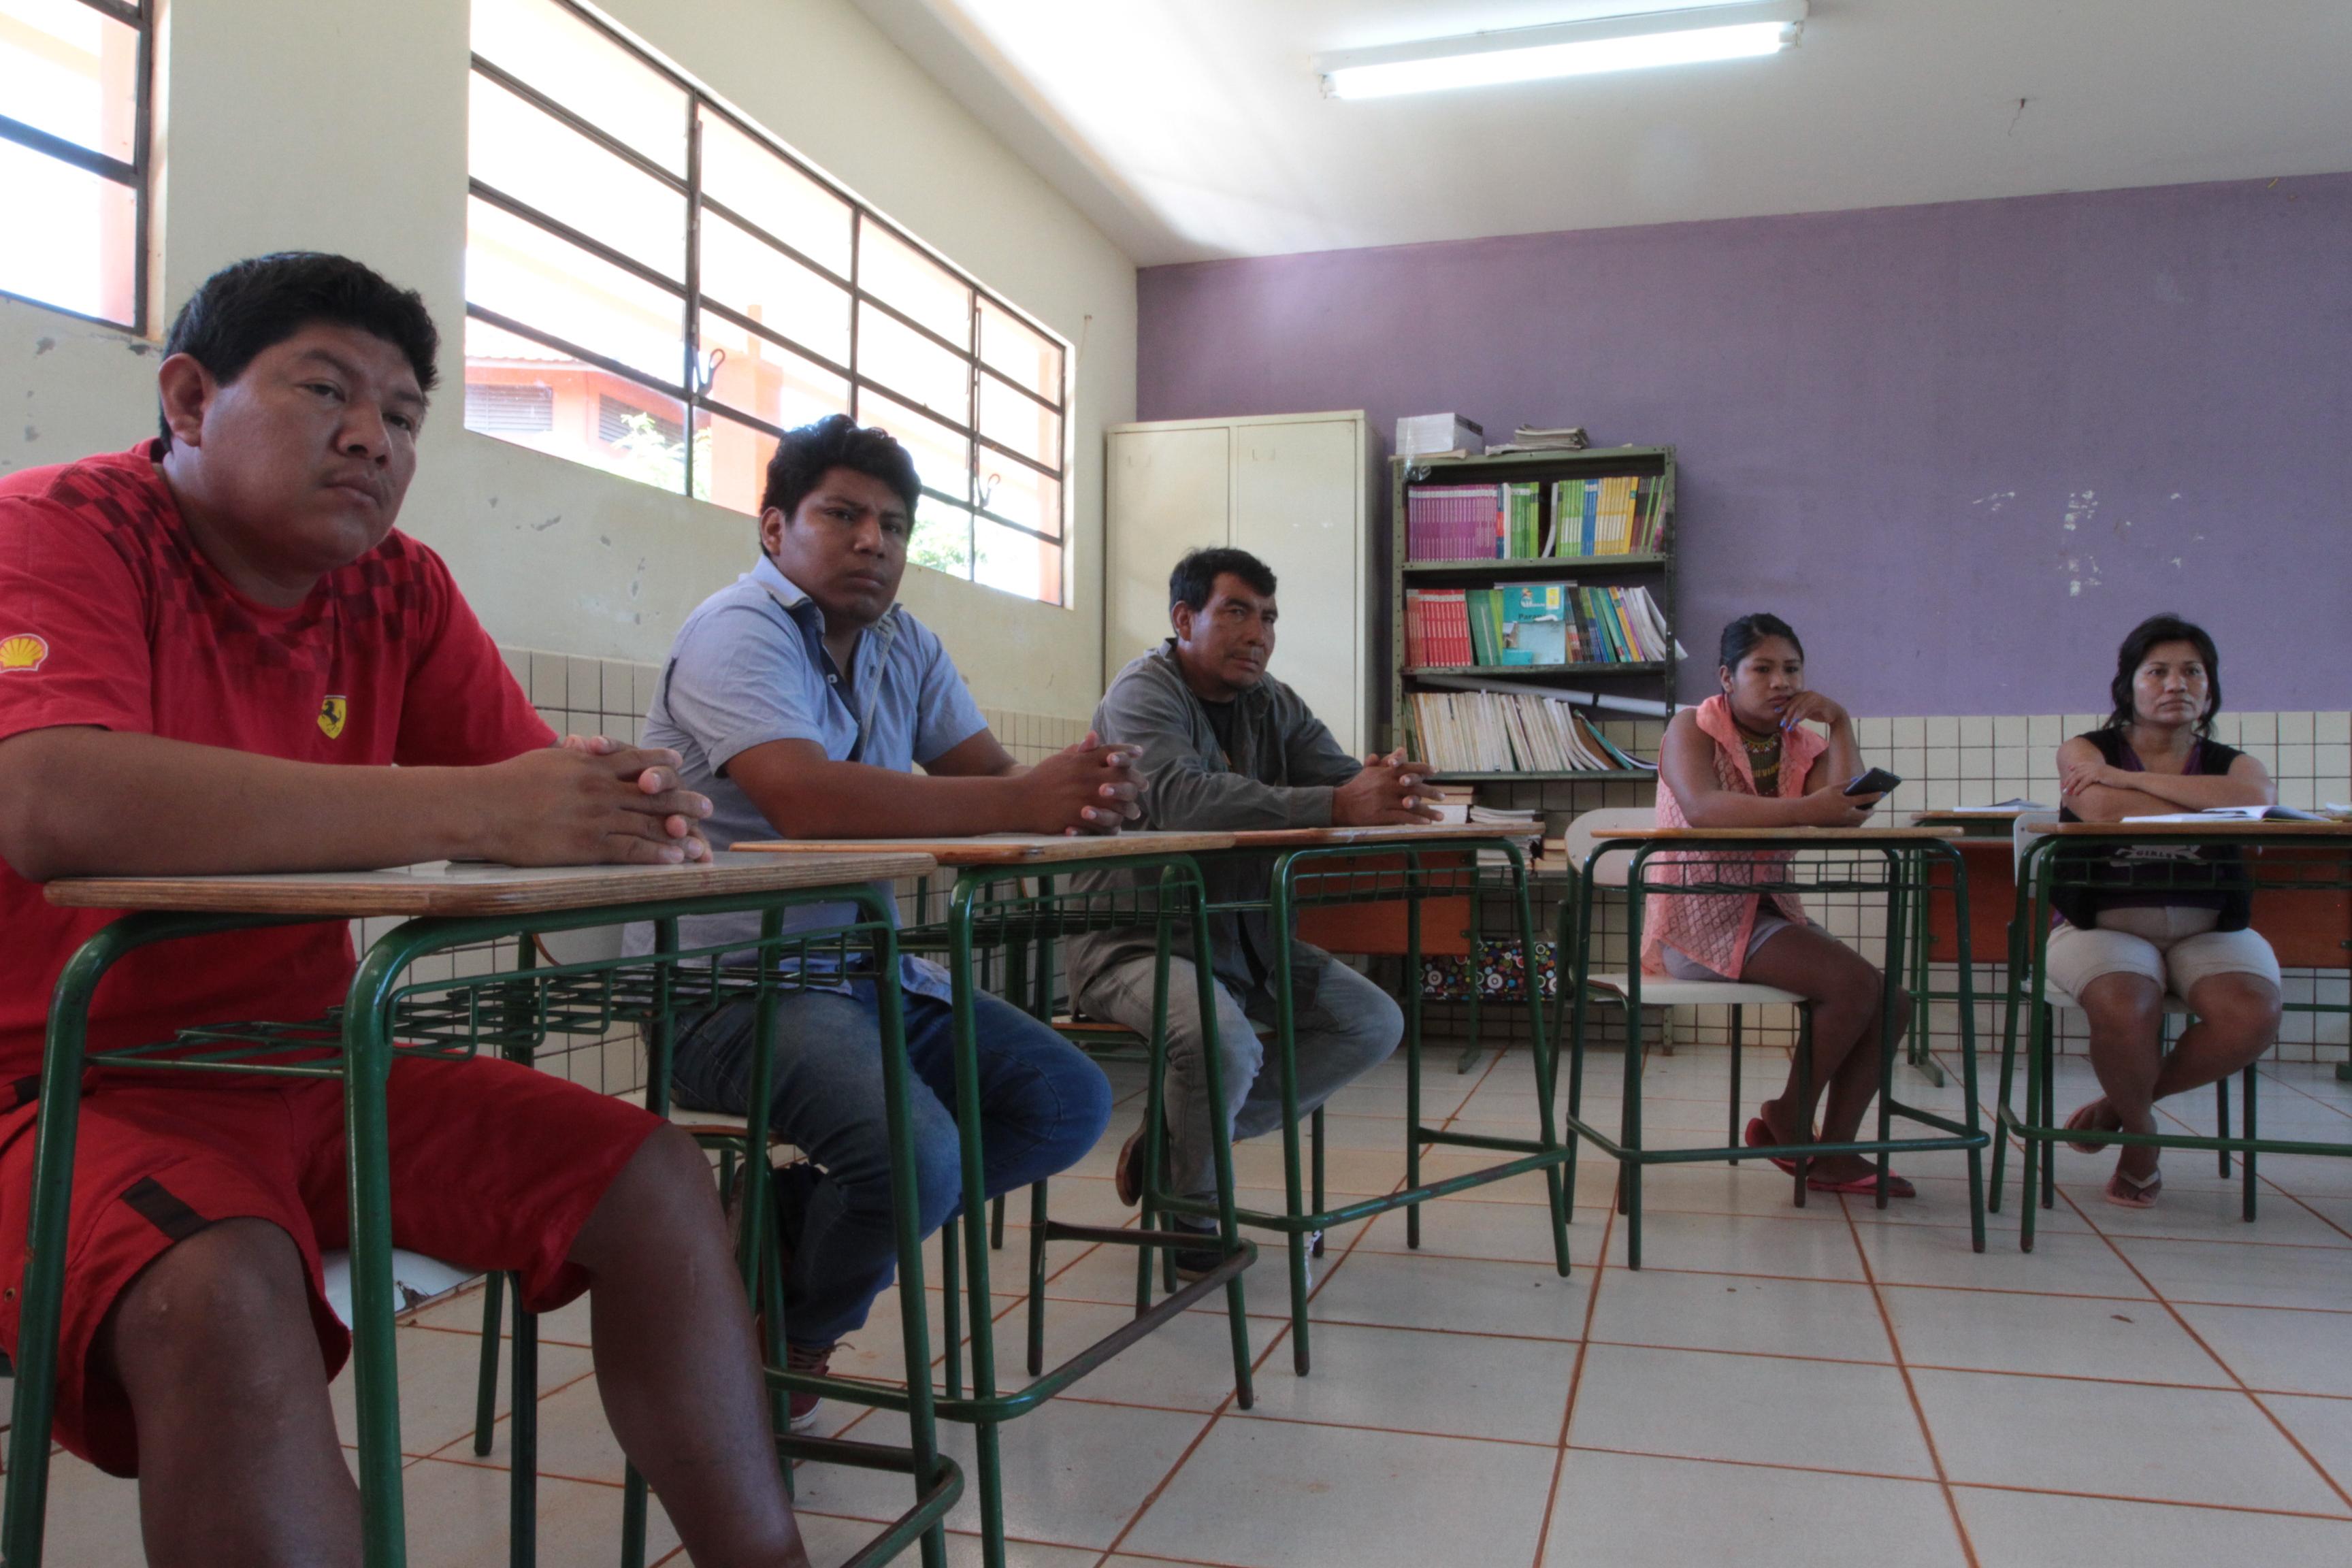 Hilário Alves, Francisco Pereira, Isário Vaz, Rosilda Lopes e Delmira Peres